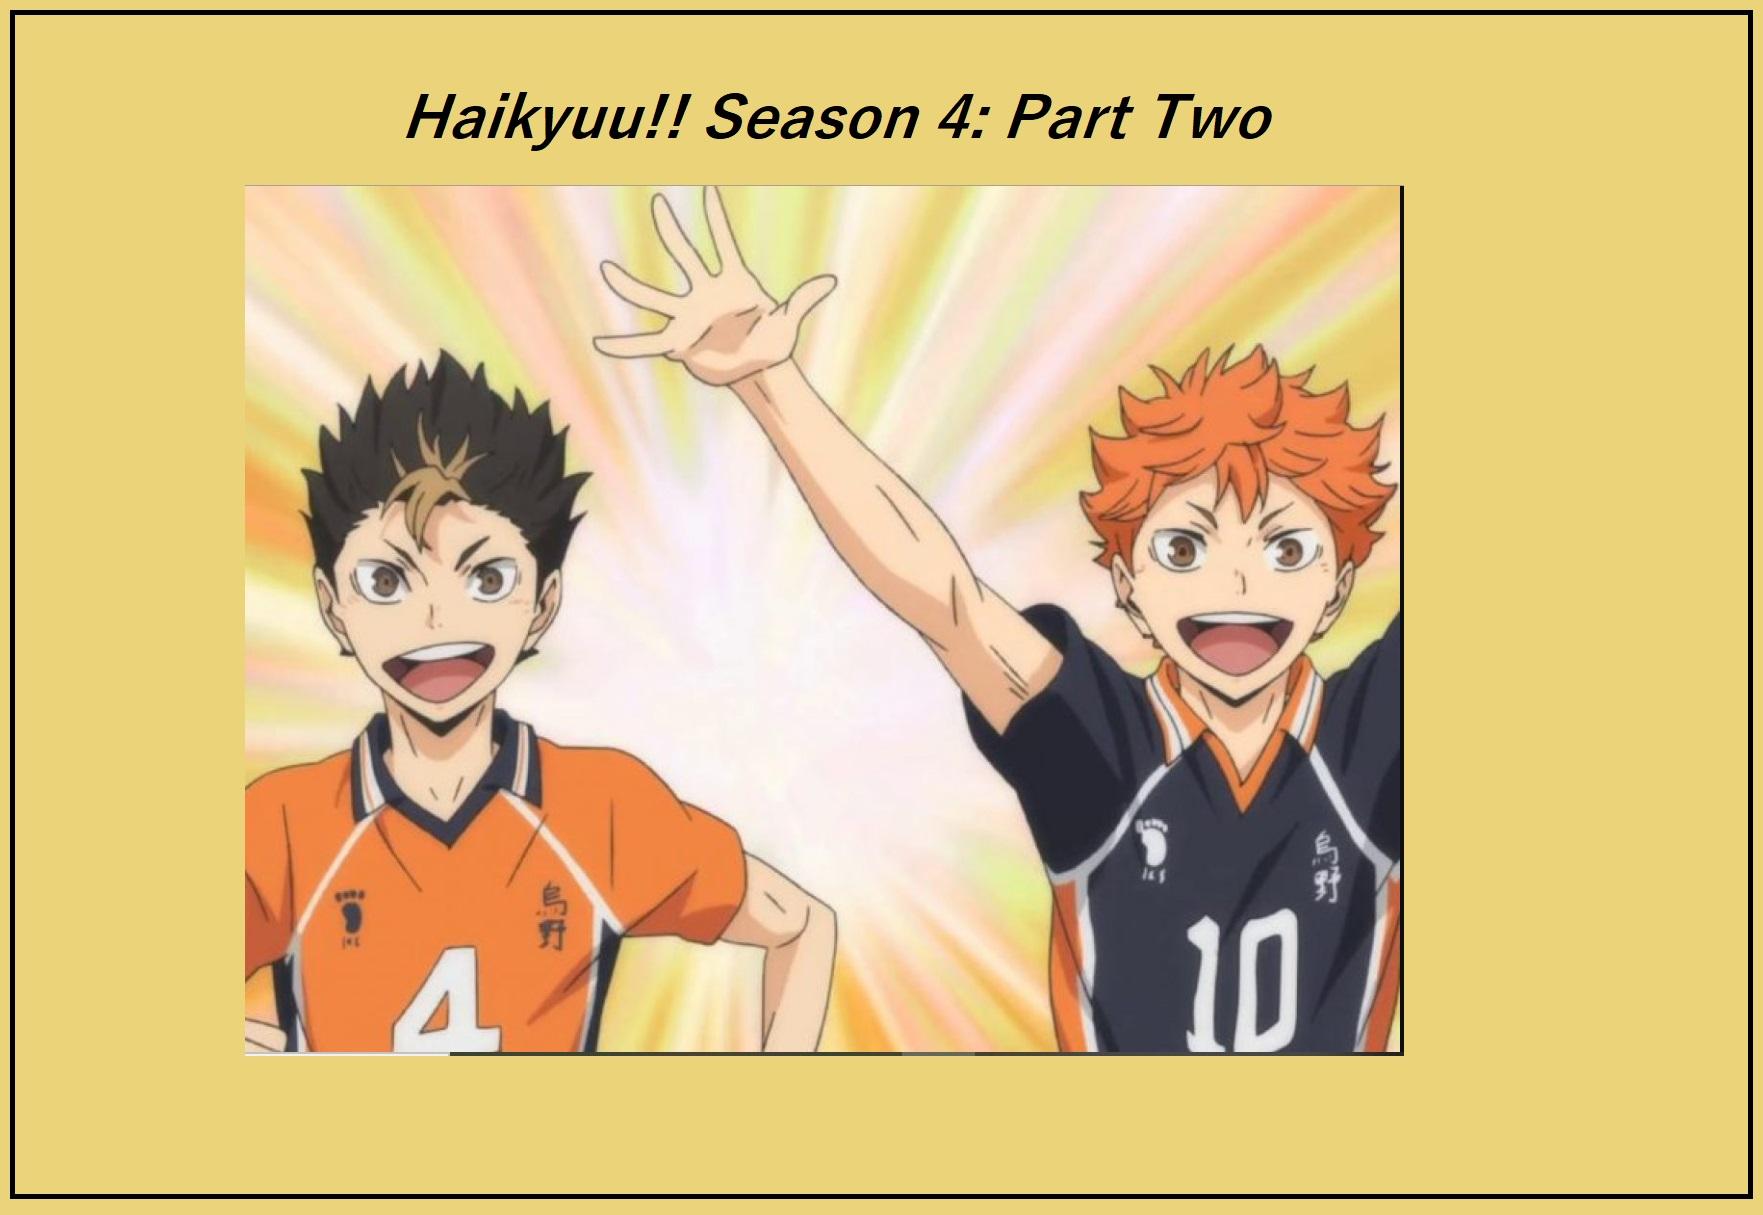 Haikyuu Season 4